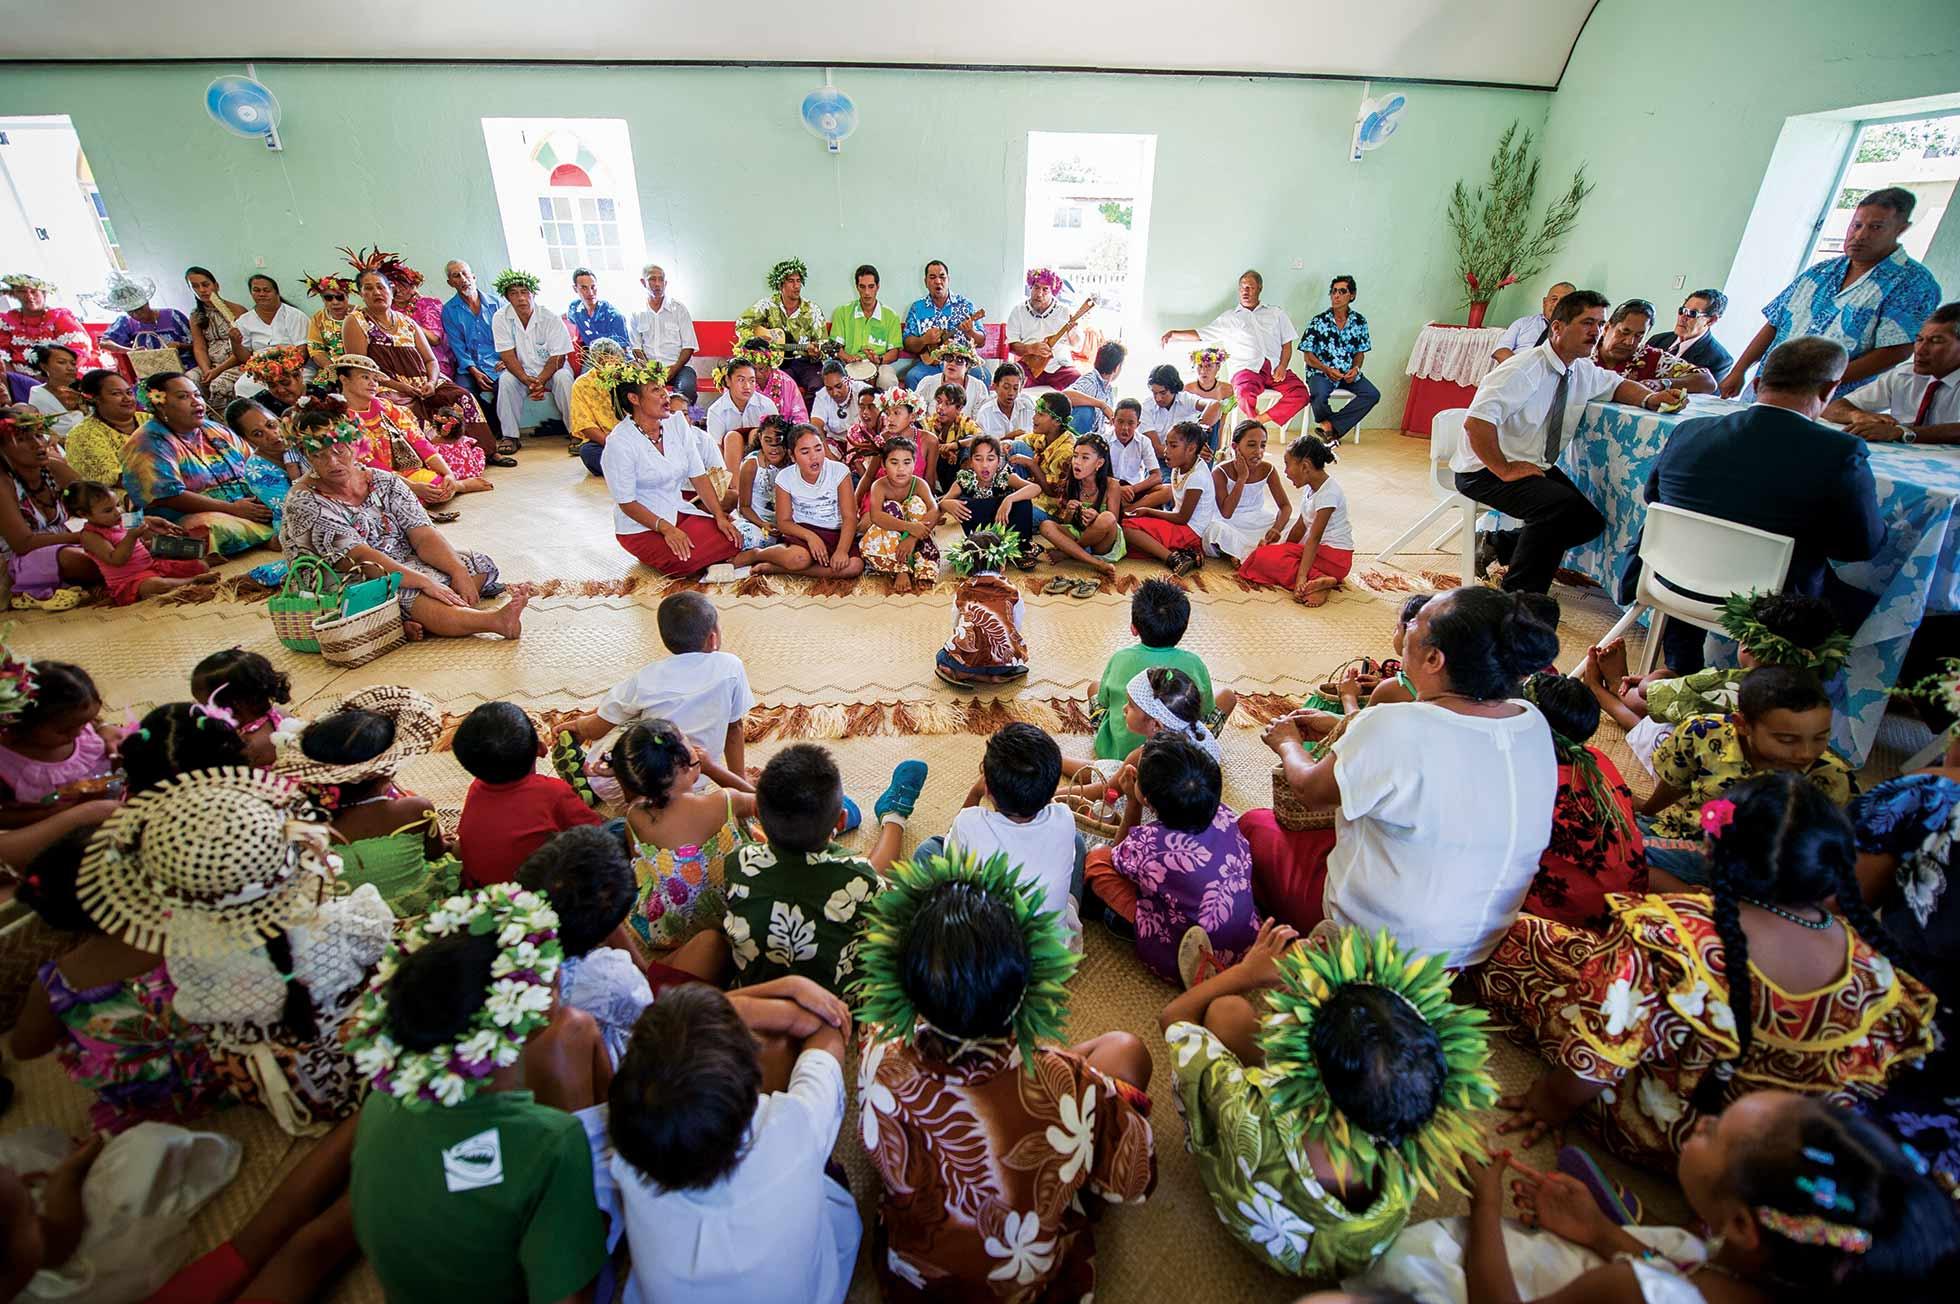 """Répétition de """"Himene Tarava"""" ou chants polyphonique, sur l'île de Rimtara ©J. Girardot"""